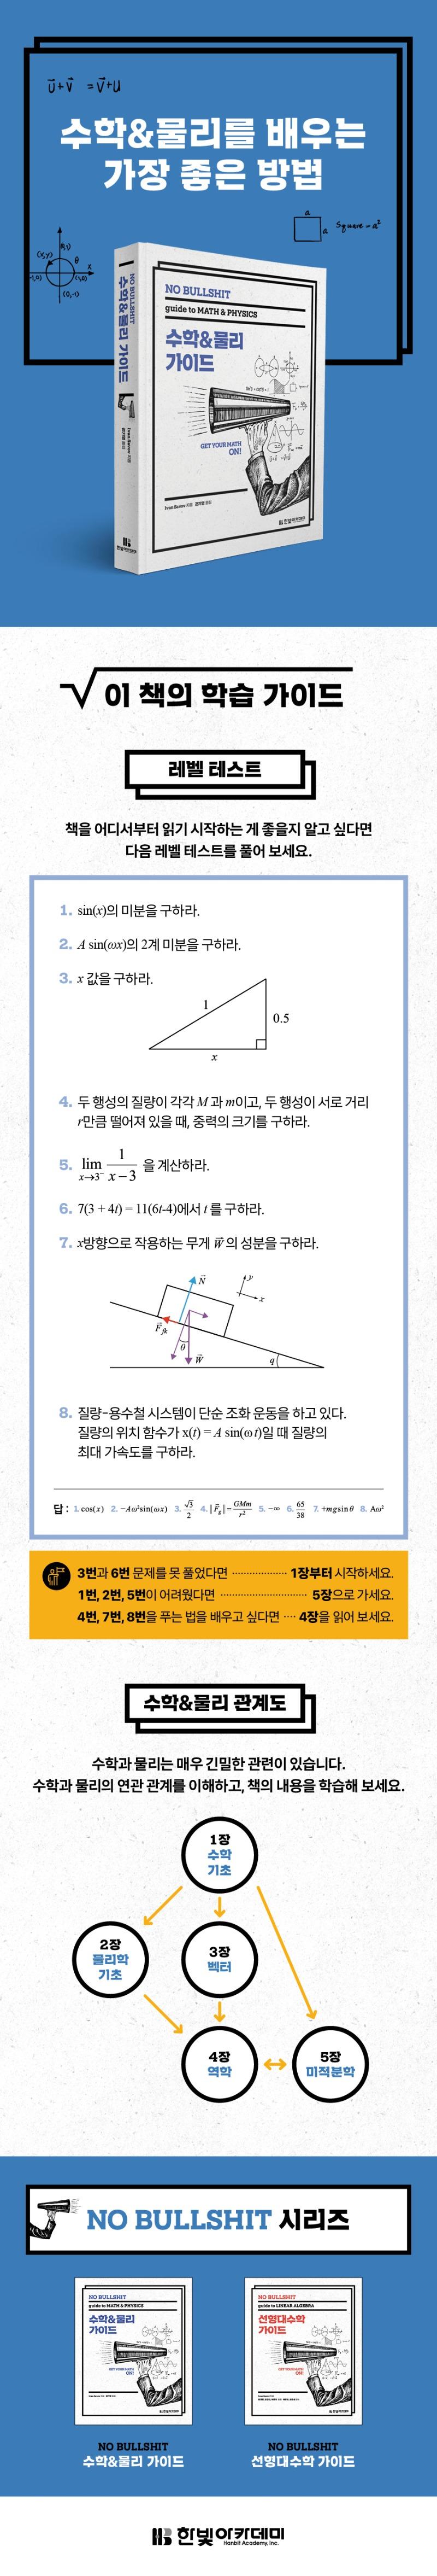 수학물리가이드 상세페이지.jpg